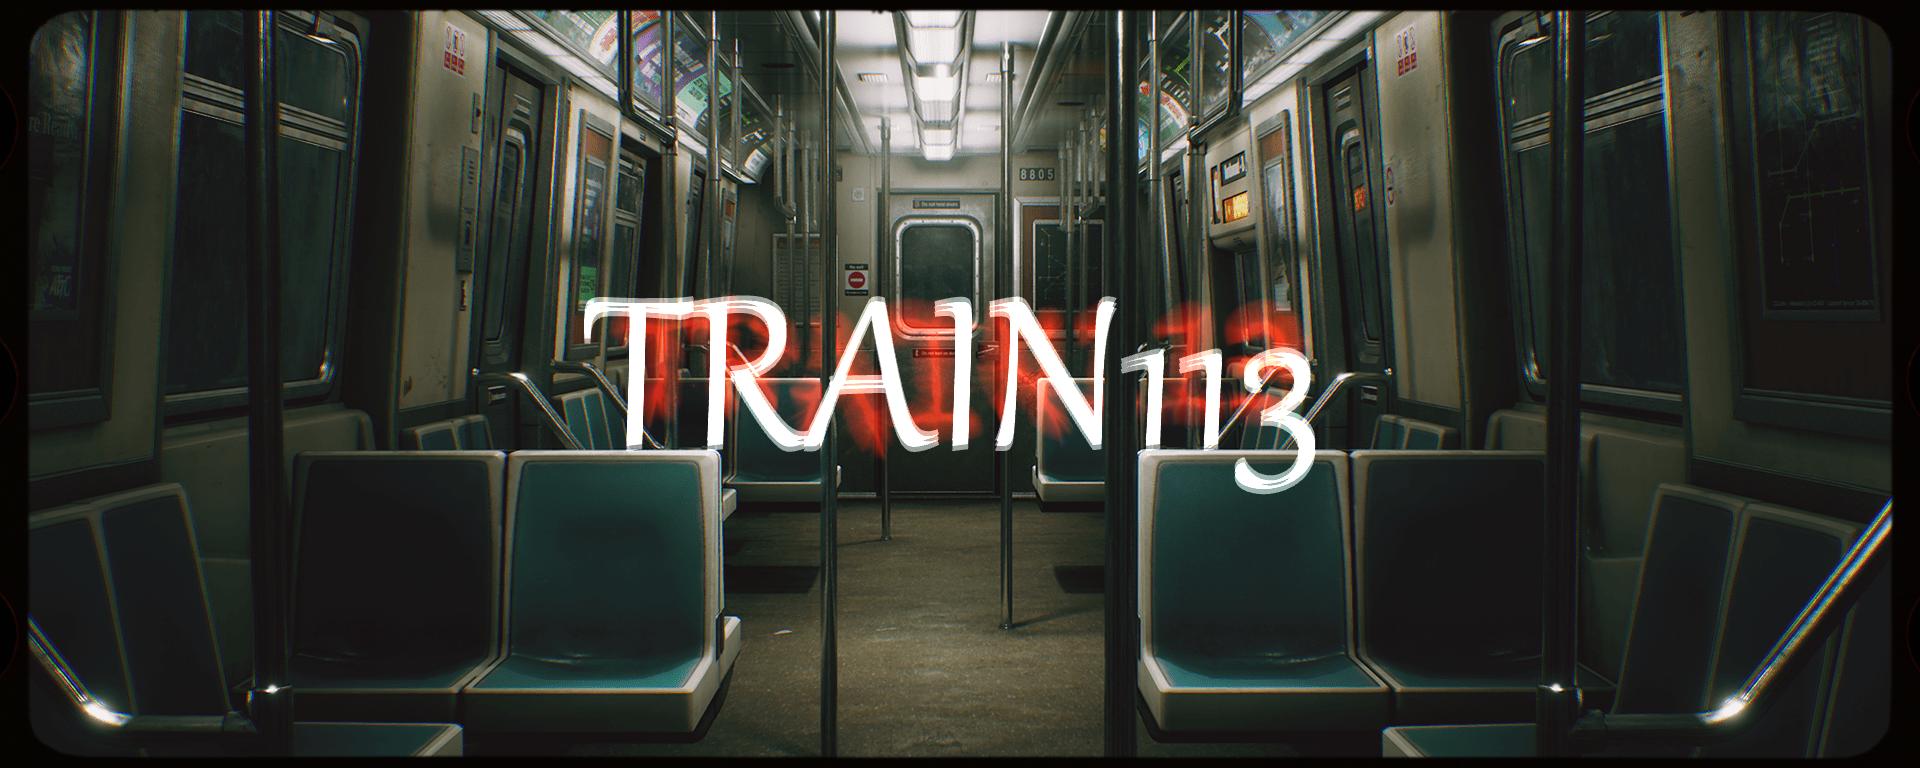 Train 113 Demo 2.0